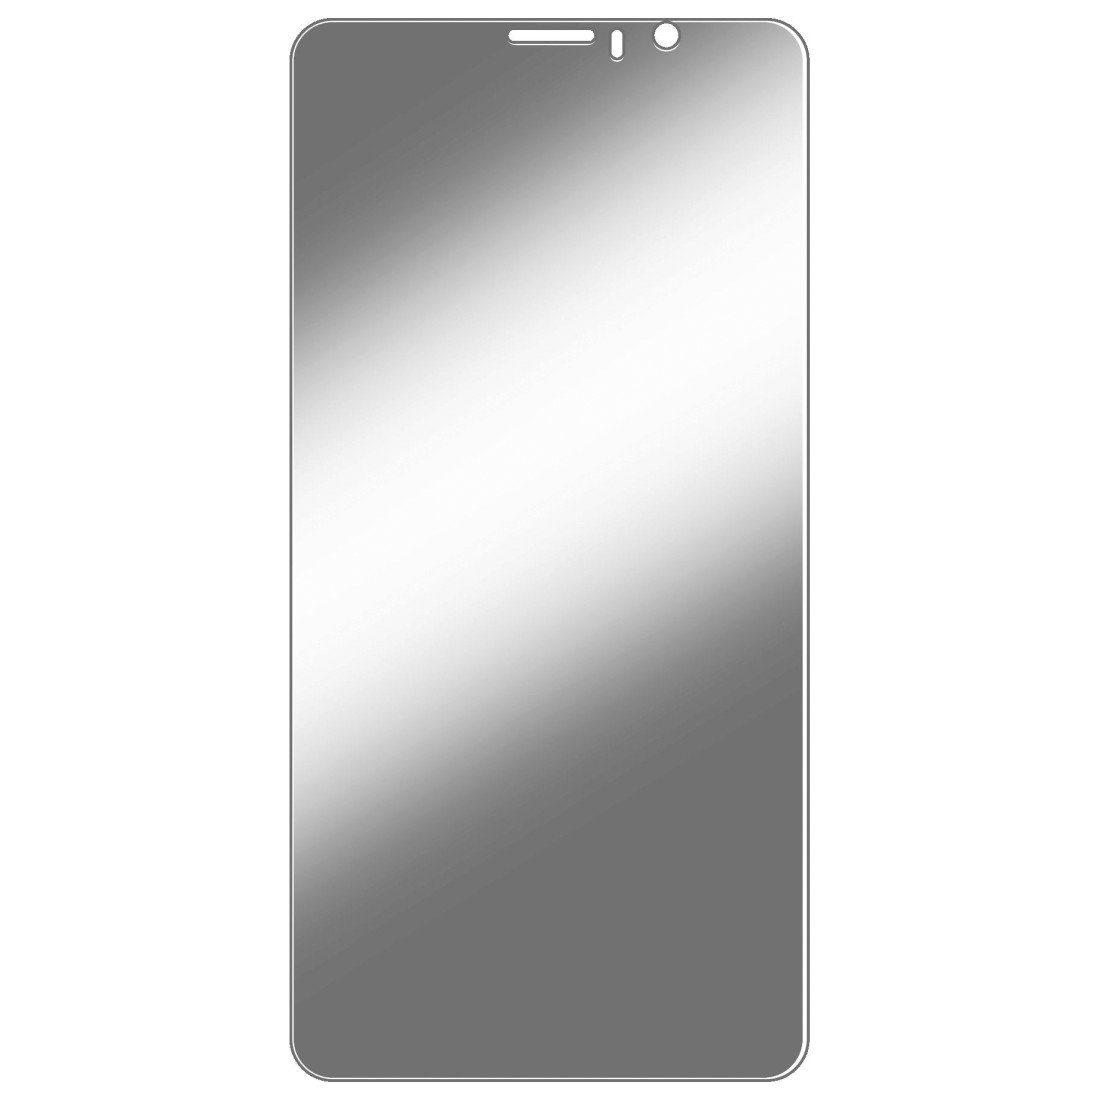 Hama Display-Schutzfolie Crystal Clear für Huawei Mate 9, 2 Stück